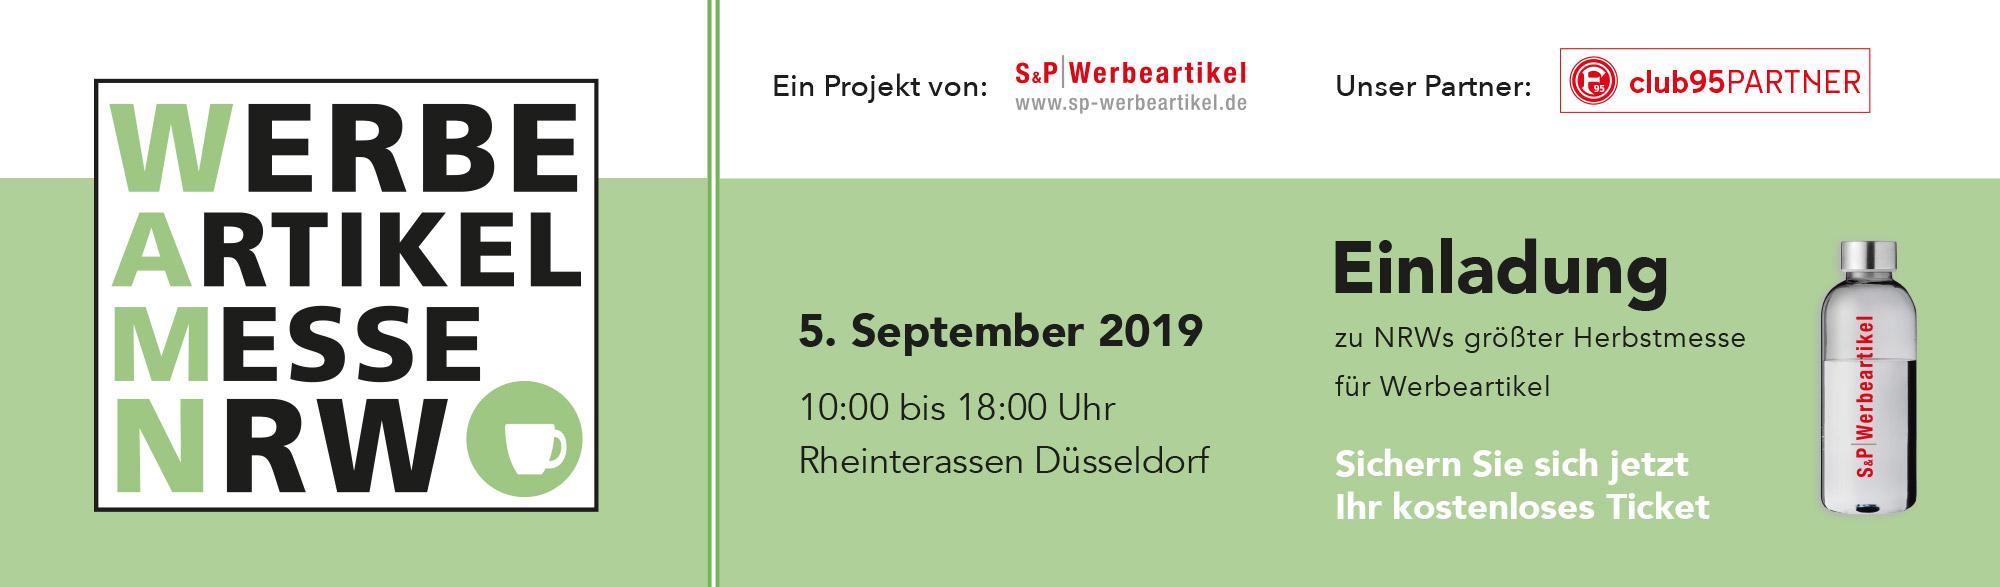 Slider Werbe Artikel Messe NRW 2019